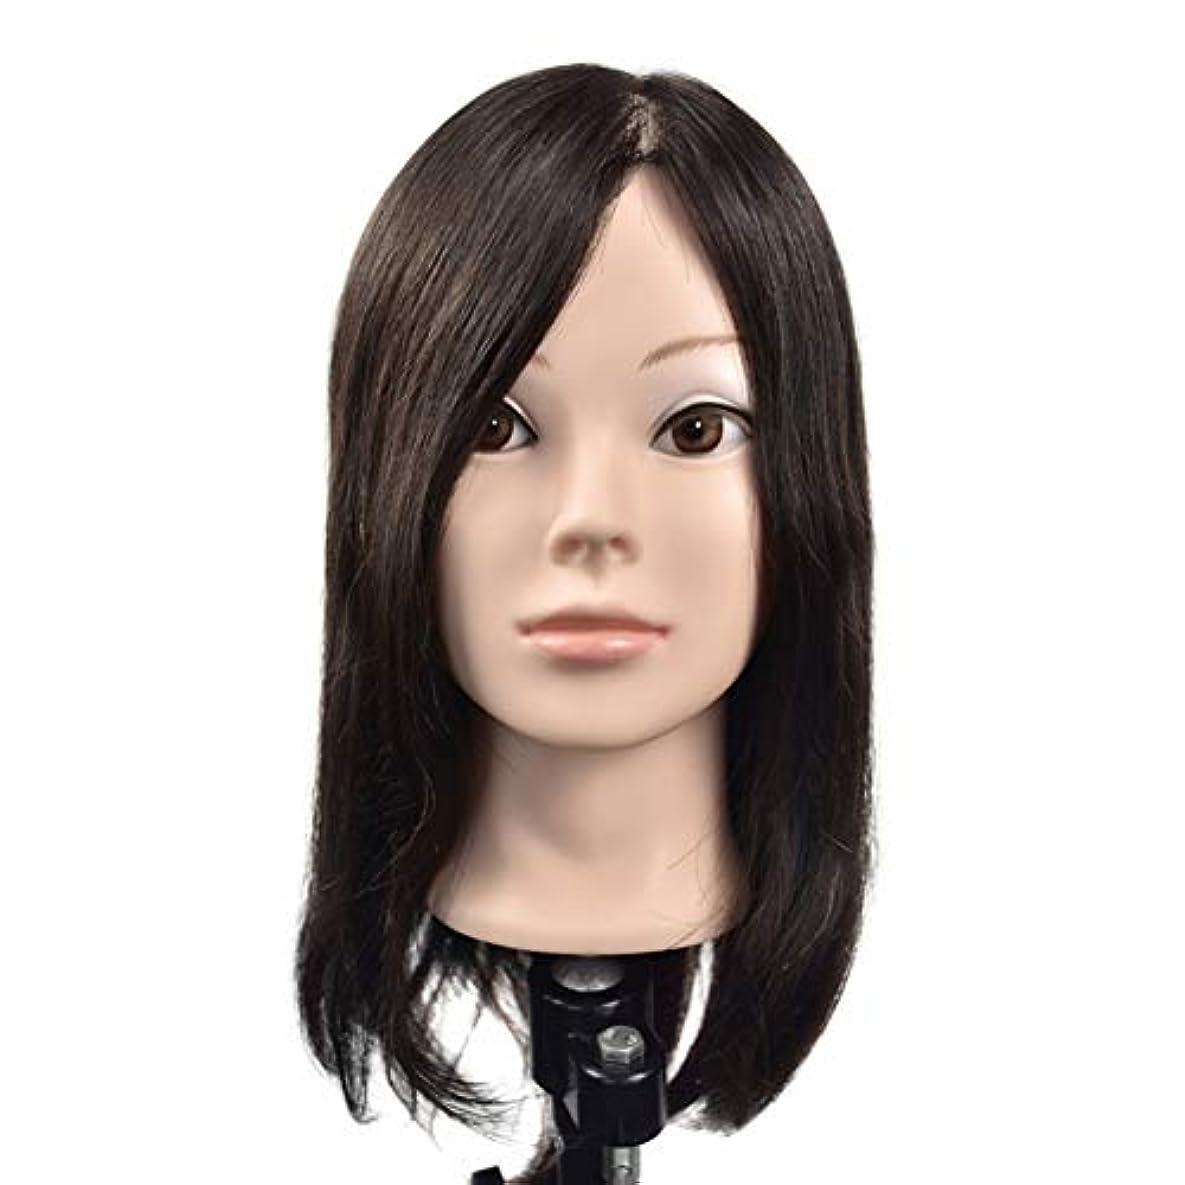 健康的離婚冒険リアルヘアースタイリングモデルヘッド女性モデル頭ティーチングヘッド理髪店編組髪染め学習ダミーヘッド